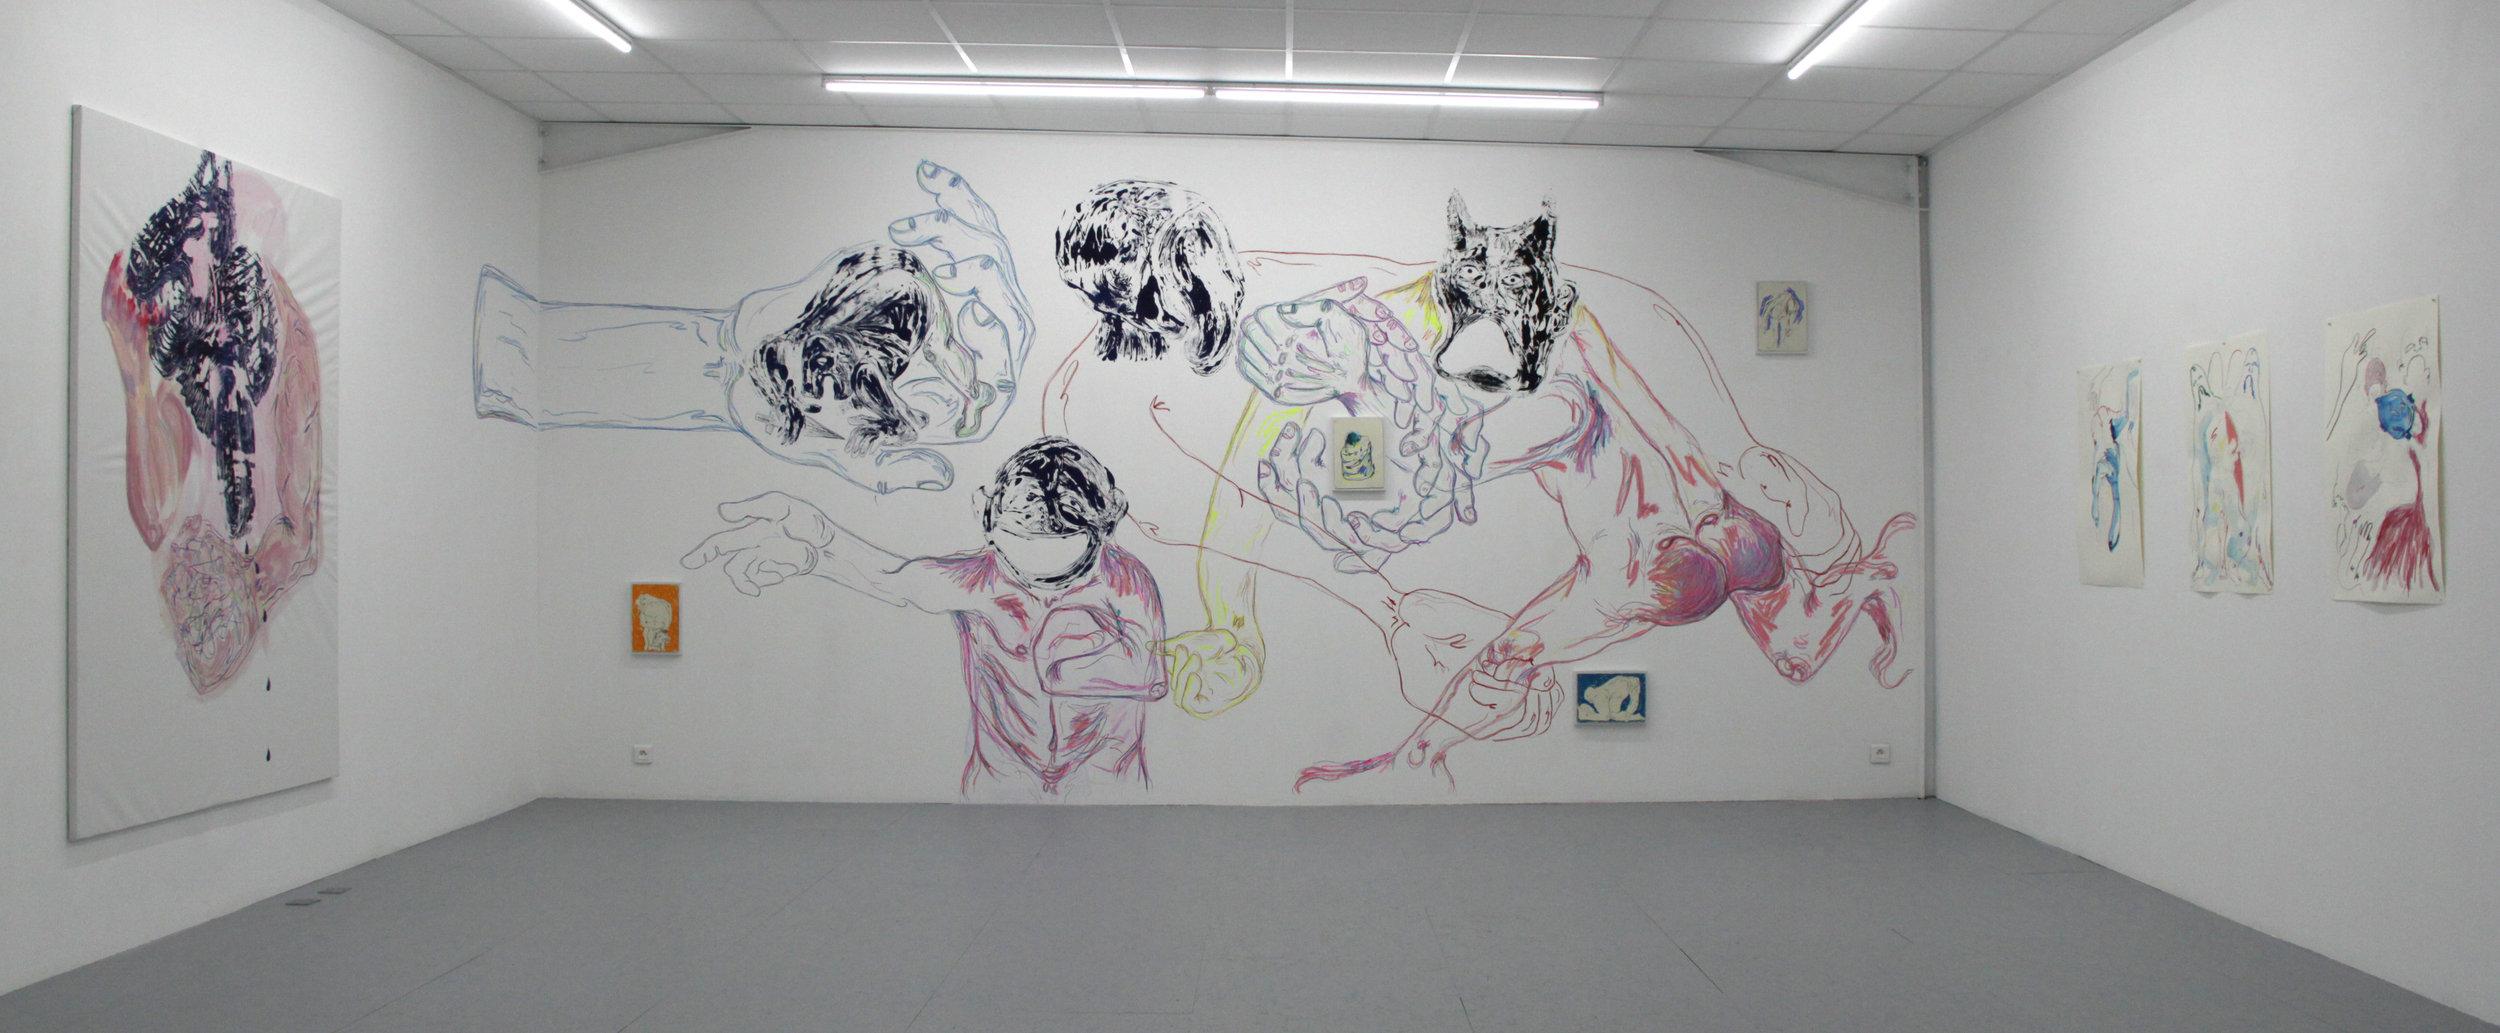 Cécile Guettier,  Réfractions,  fresque murale, monotype, encre, craie, pastel gras, 2019